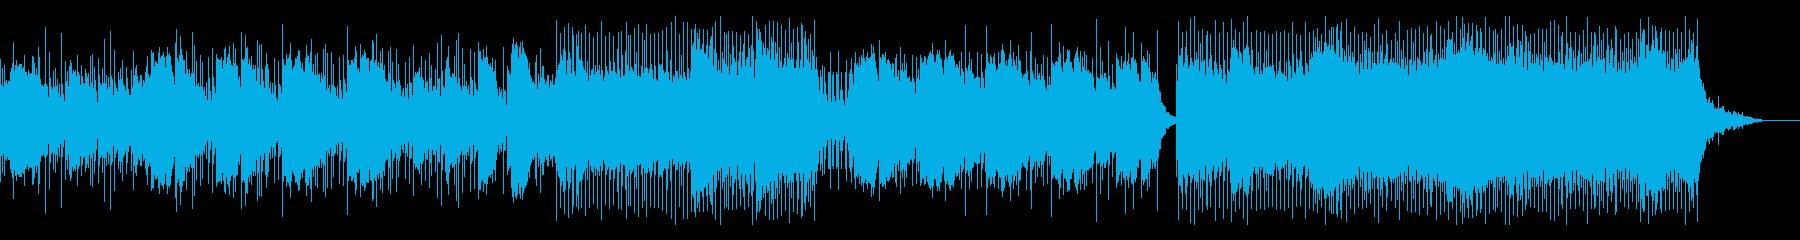 クリスマスの季節にオススメのポップスの再生済みの波形